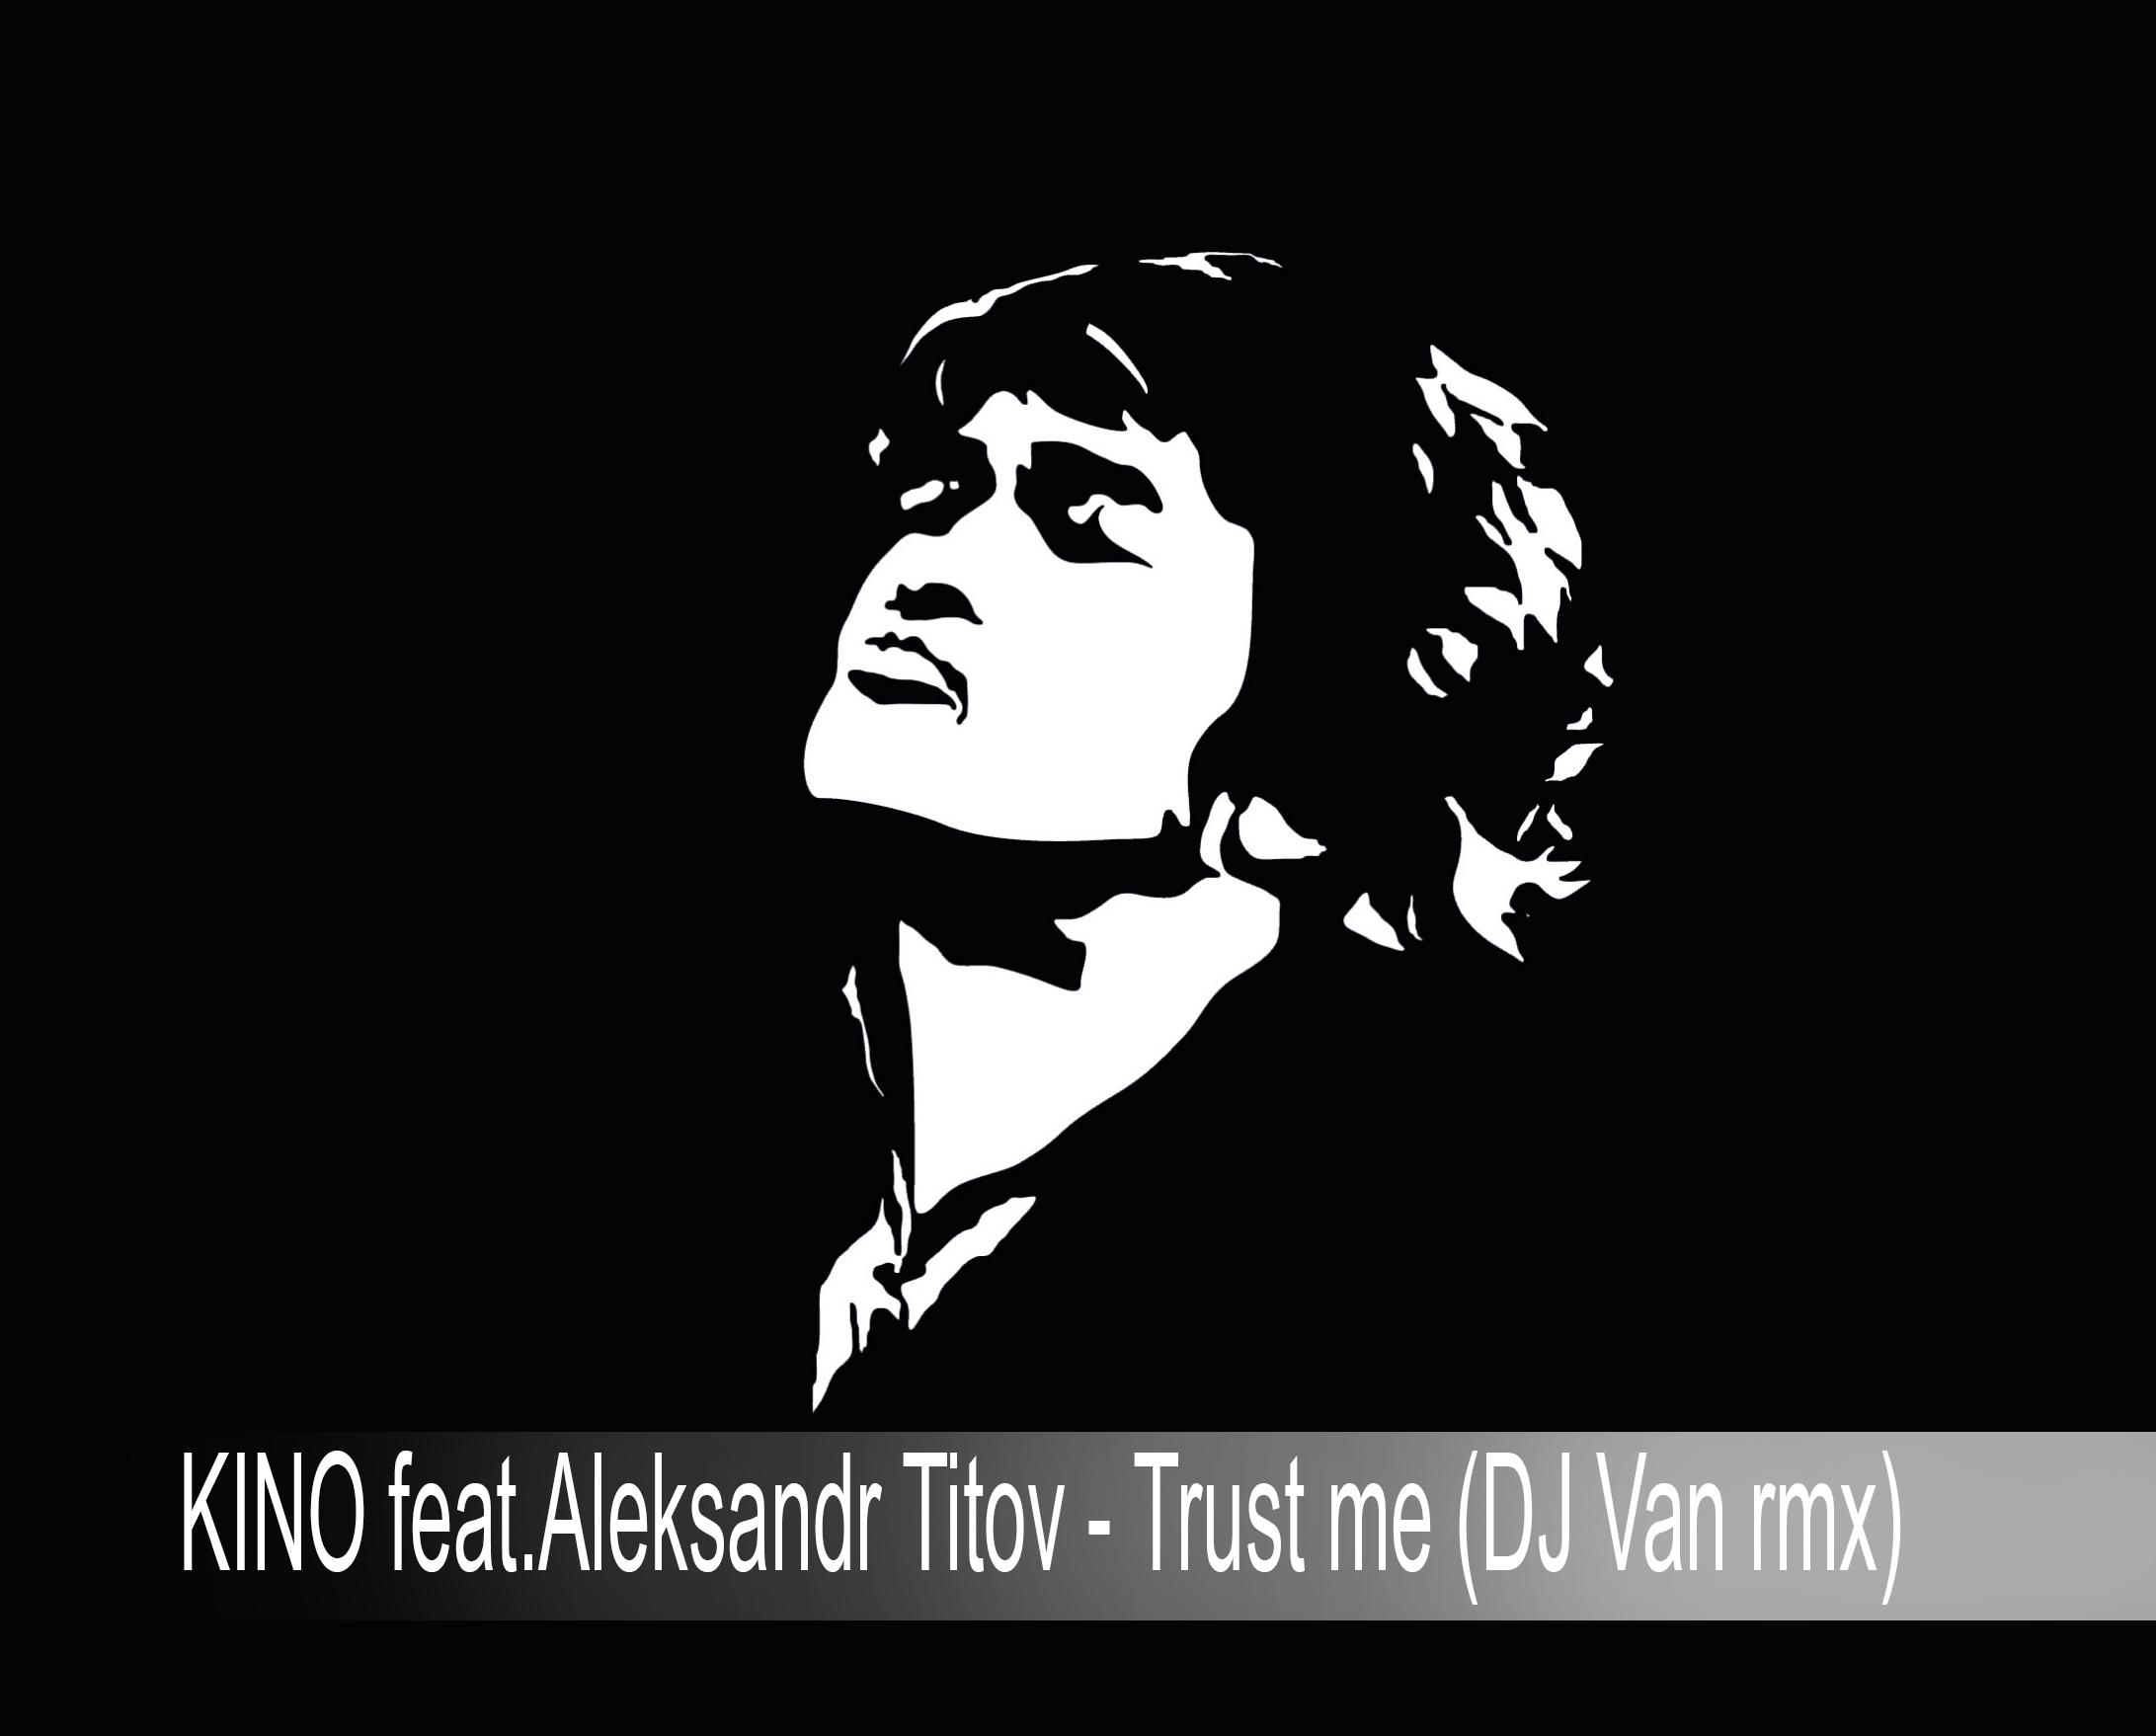 KINO feat.Aleksandr Titov - Trust me  (DJ Van rmx)